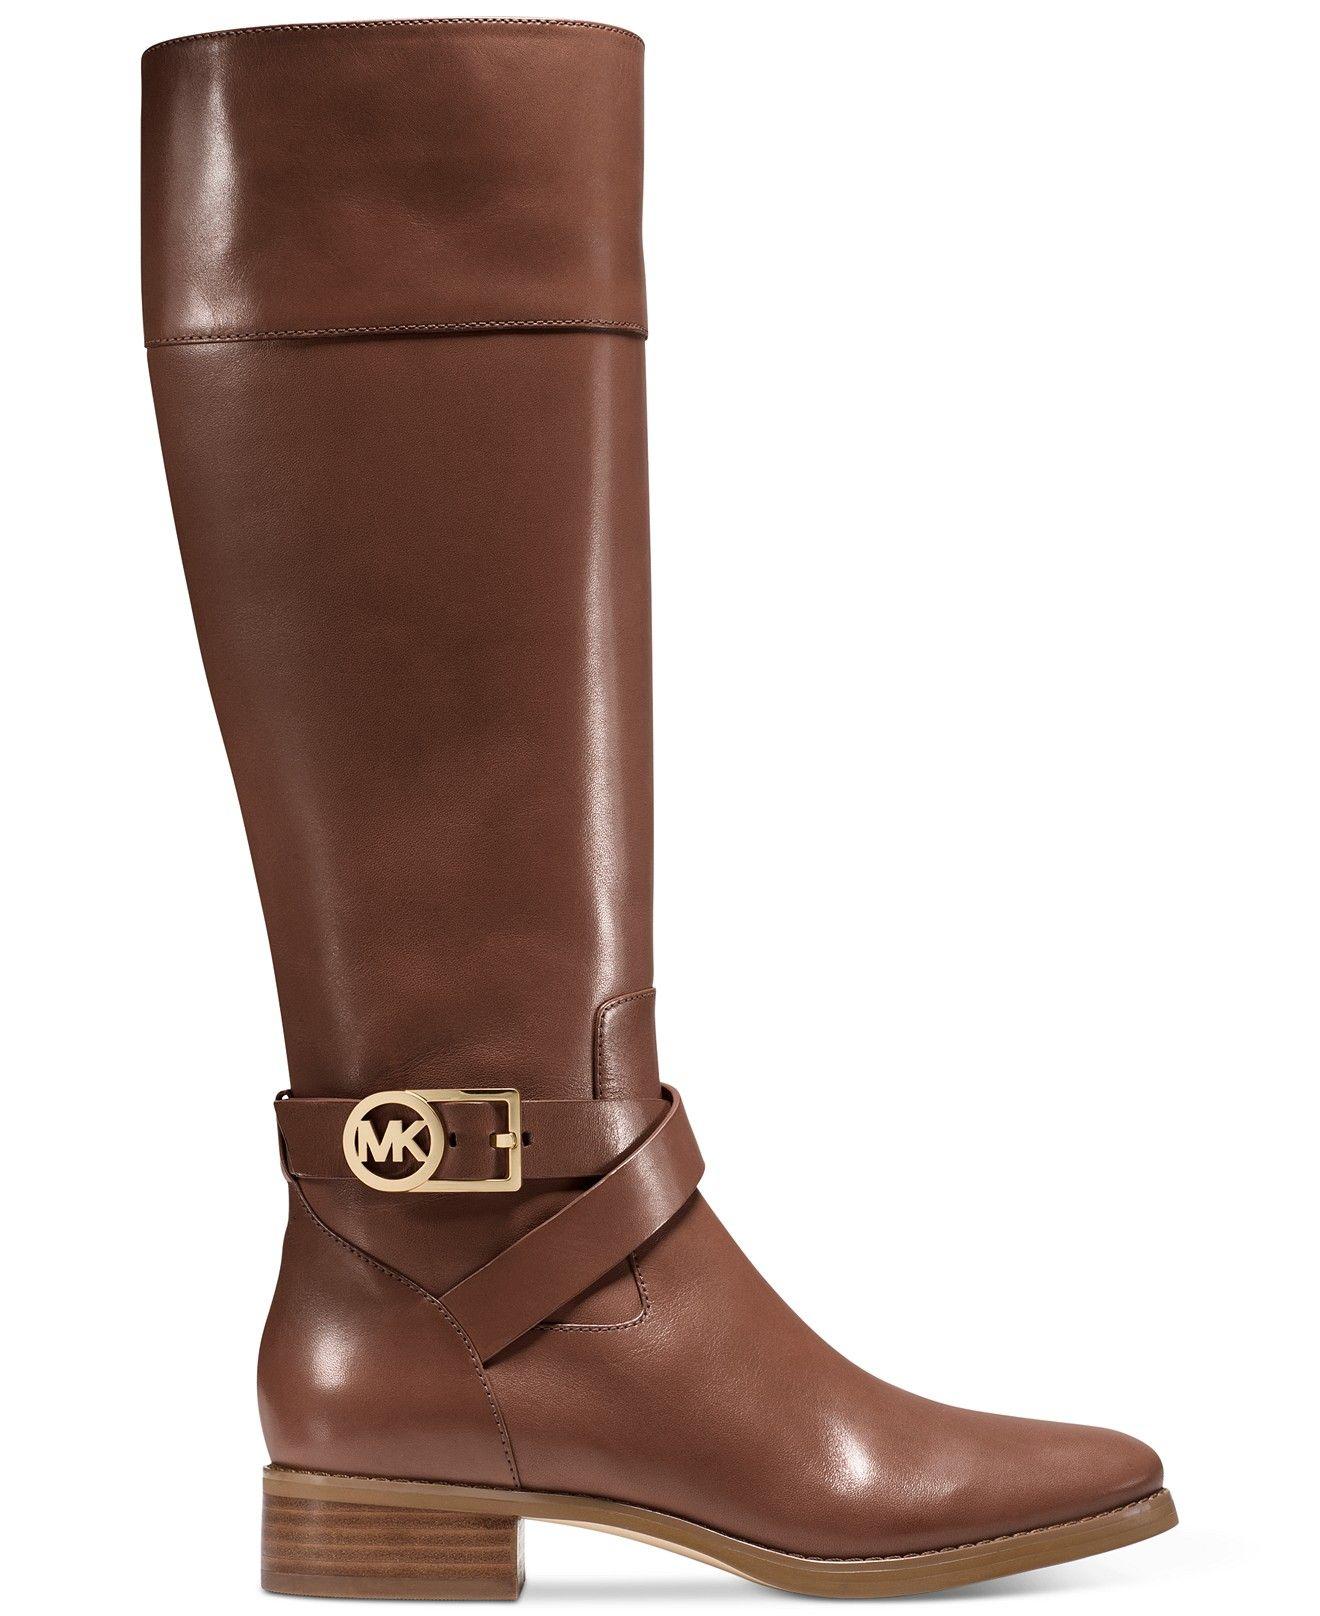 Michael Kors Bryce Tall Wide Calf Boots